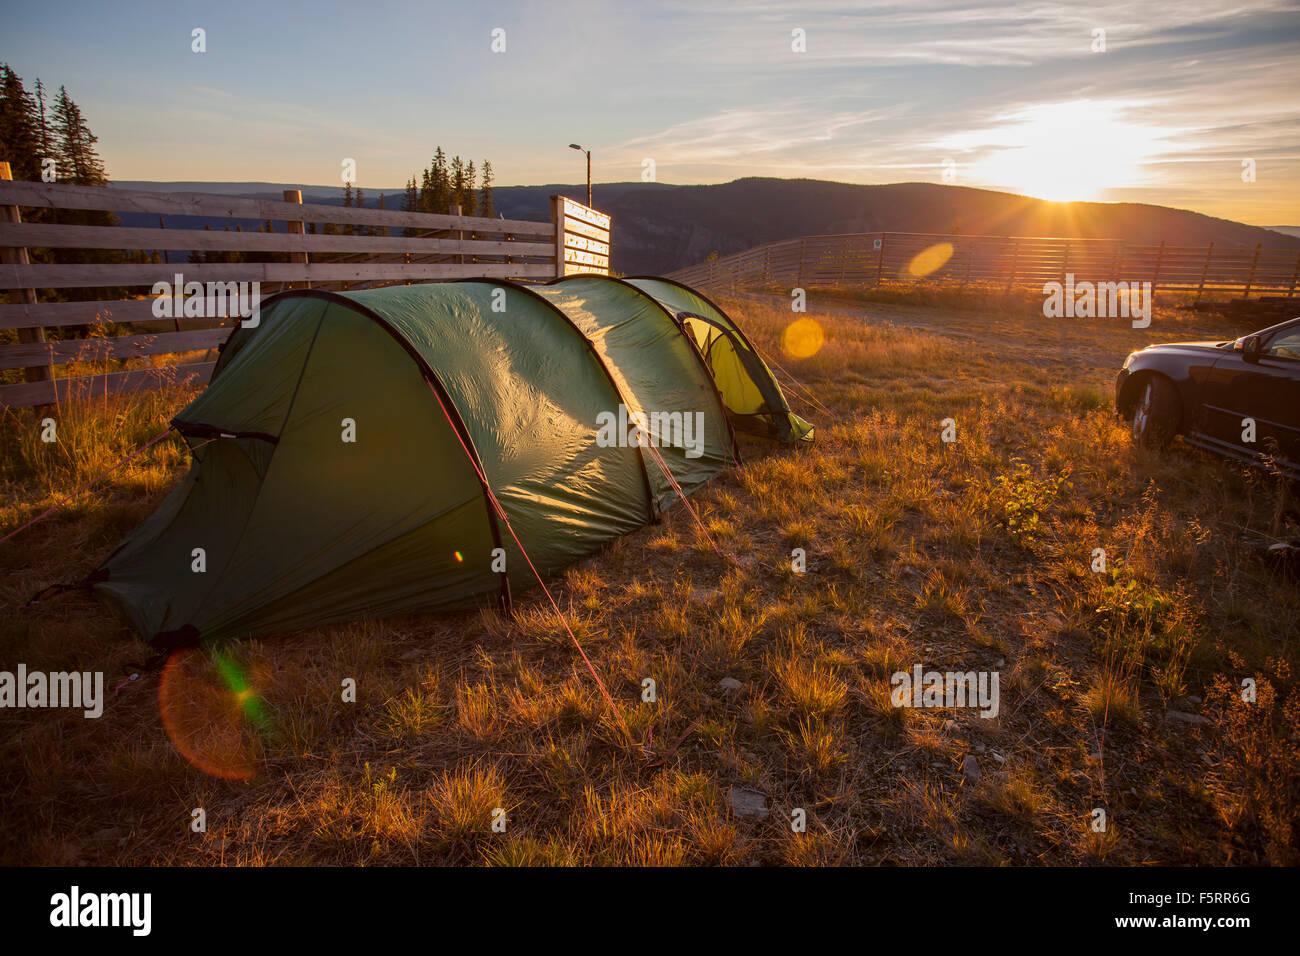 Norwegen, Hafjell, Zelt bei Sonnenuntergang Stockbild